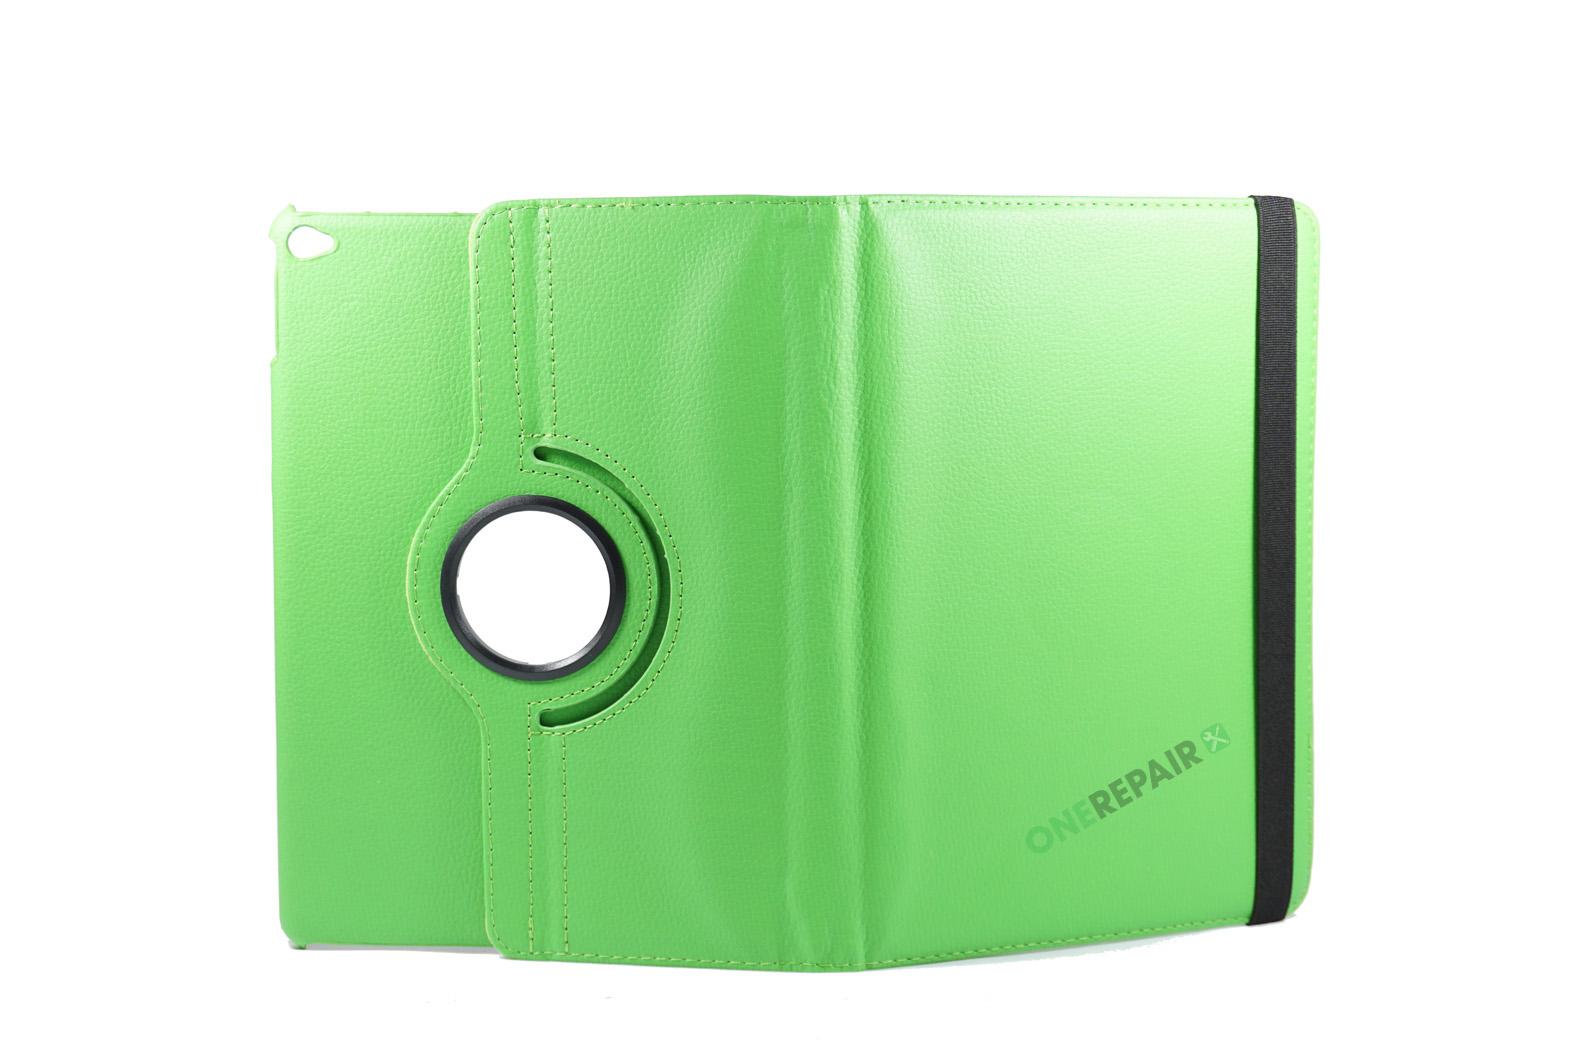 351052_351841_iPad_Air2_2_A1566_A1567_Flipcover_Cover_Groen_OneRepair_00004